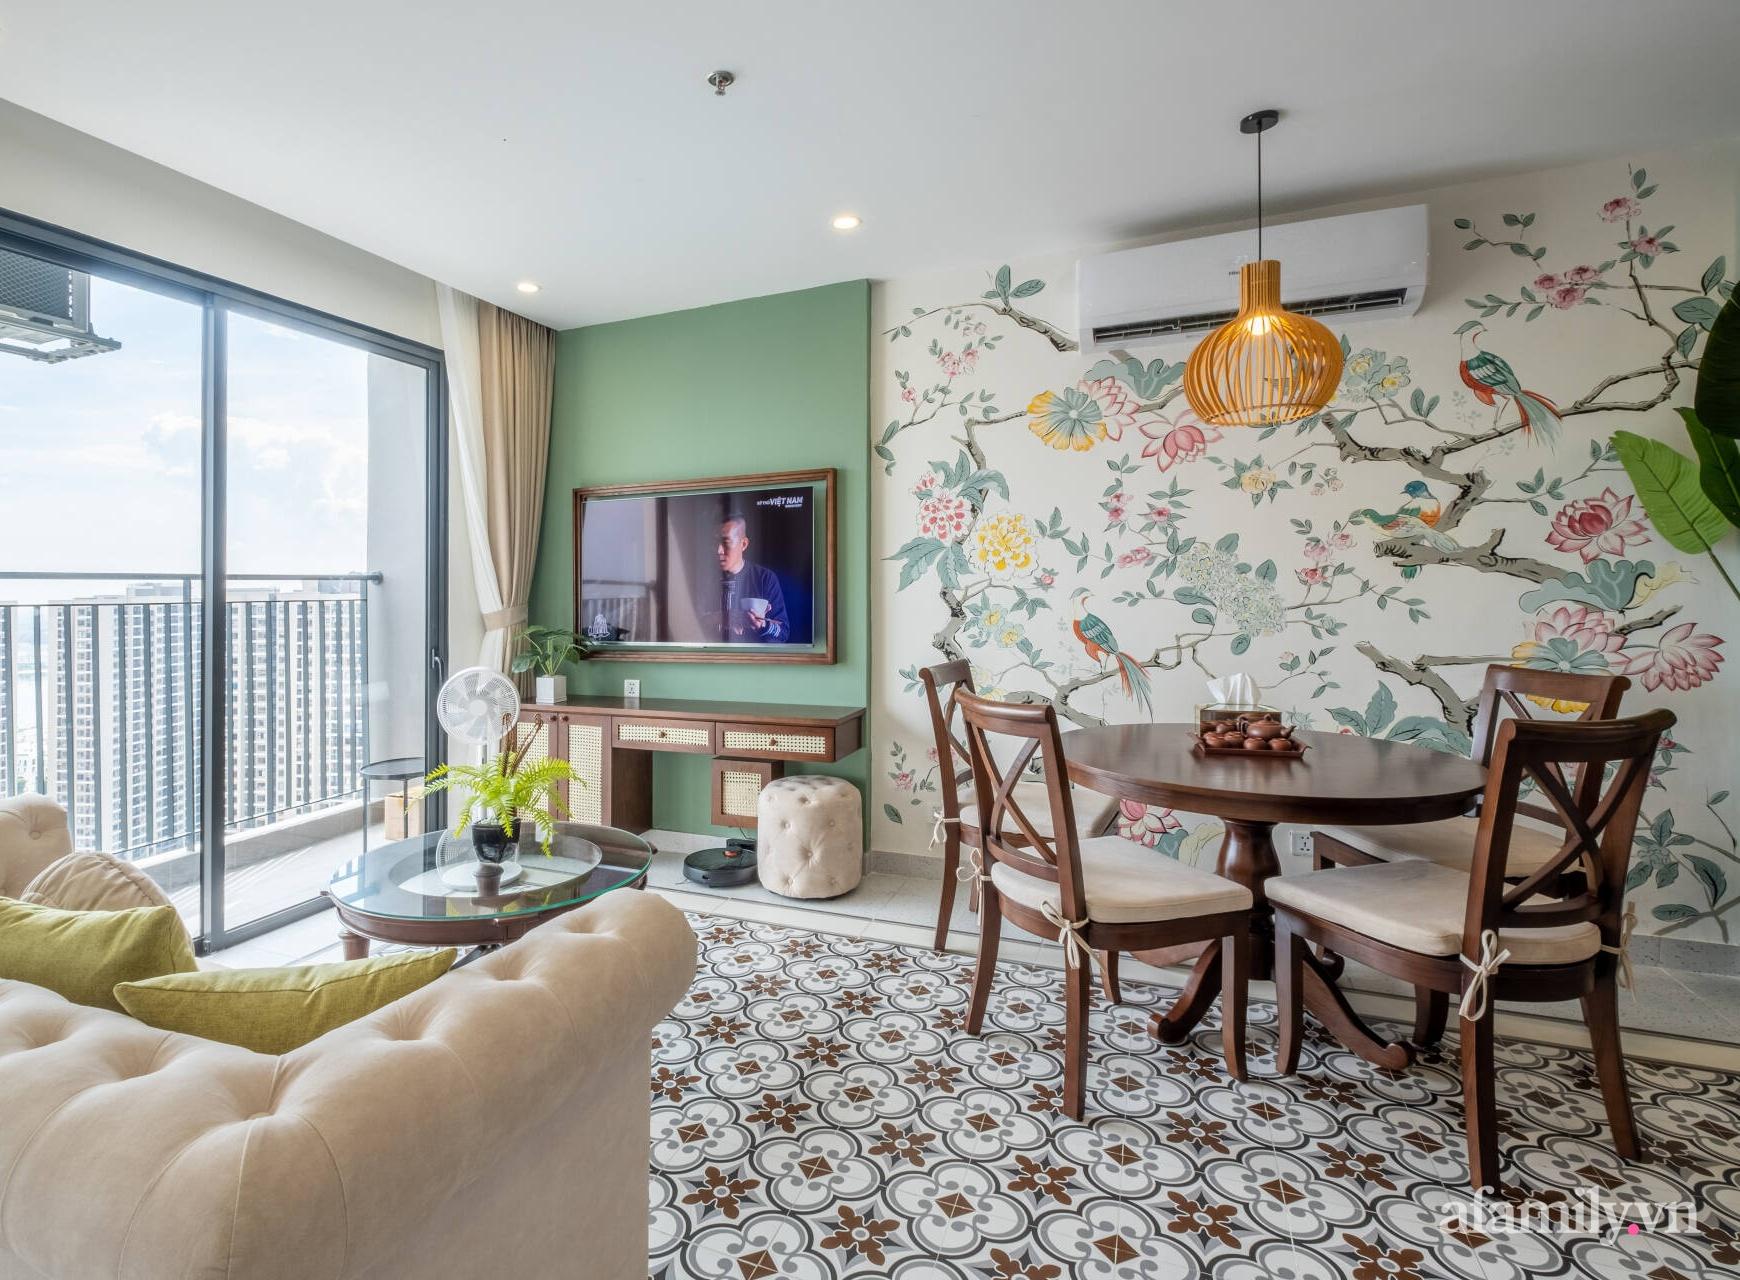 Căn hộ 3 phòng ngủ đẹp tinh tế với phong cách Indochine ở Vinhomes Ocean Park, Hà Nội - Ảnh 4.